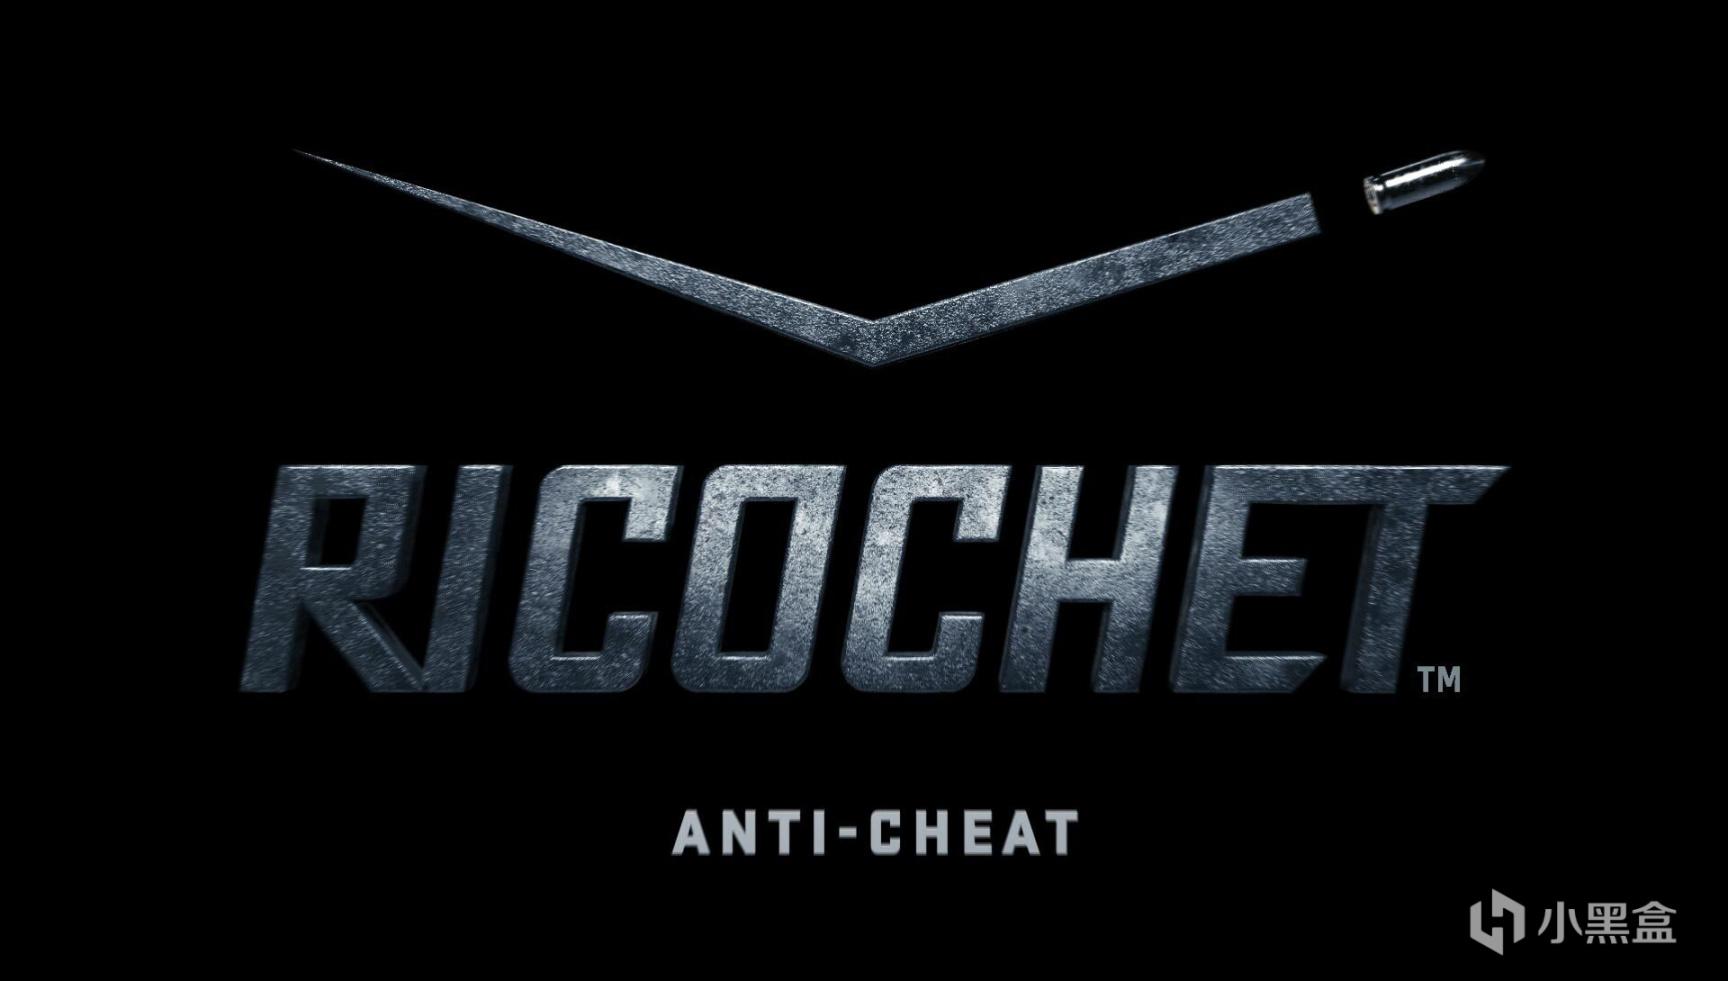 《使命召唤》新反作弊系统——RICOCHET介绍插图